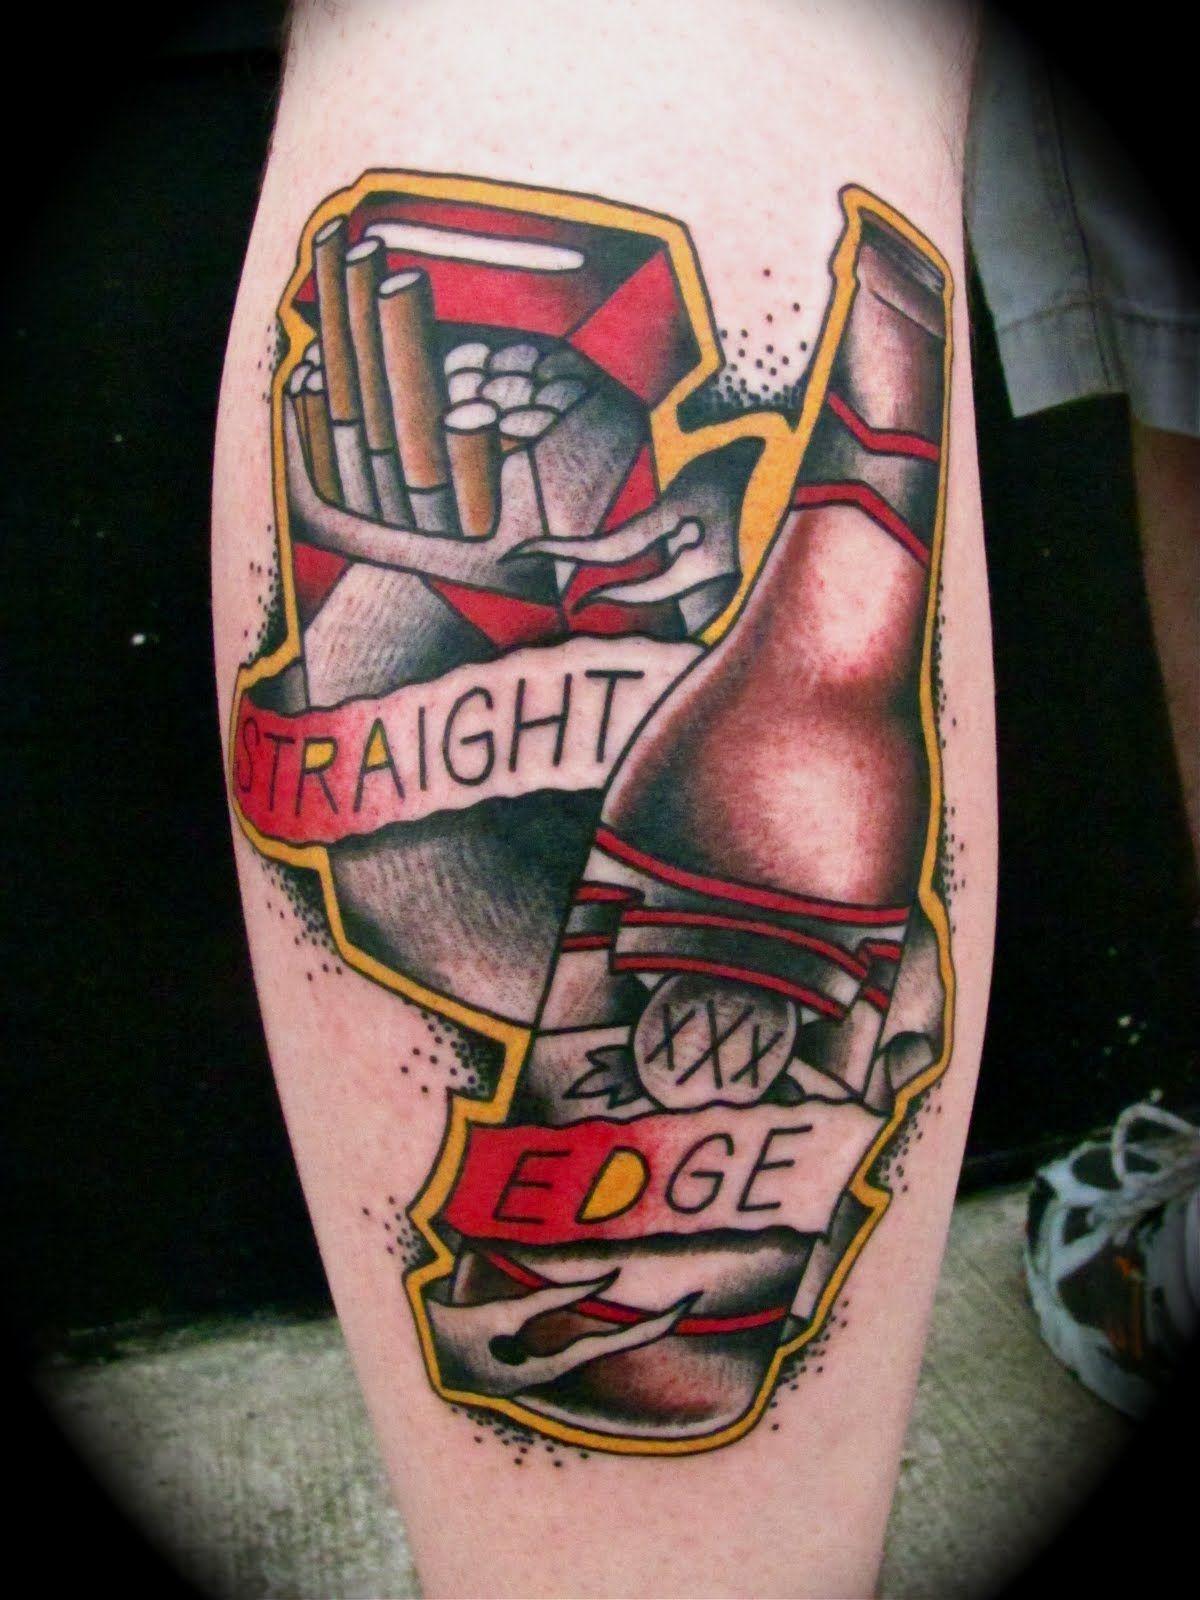 Straight Edge Tattoos: Food Tattoos, Straight Edge Tattoo, Tattoos